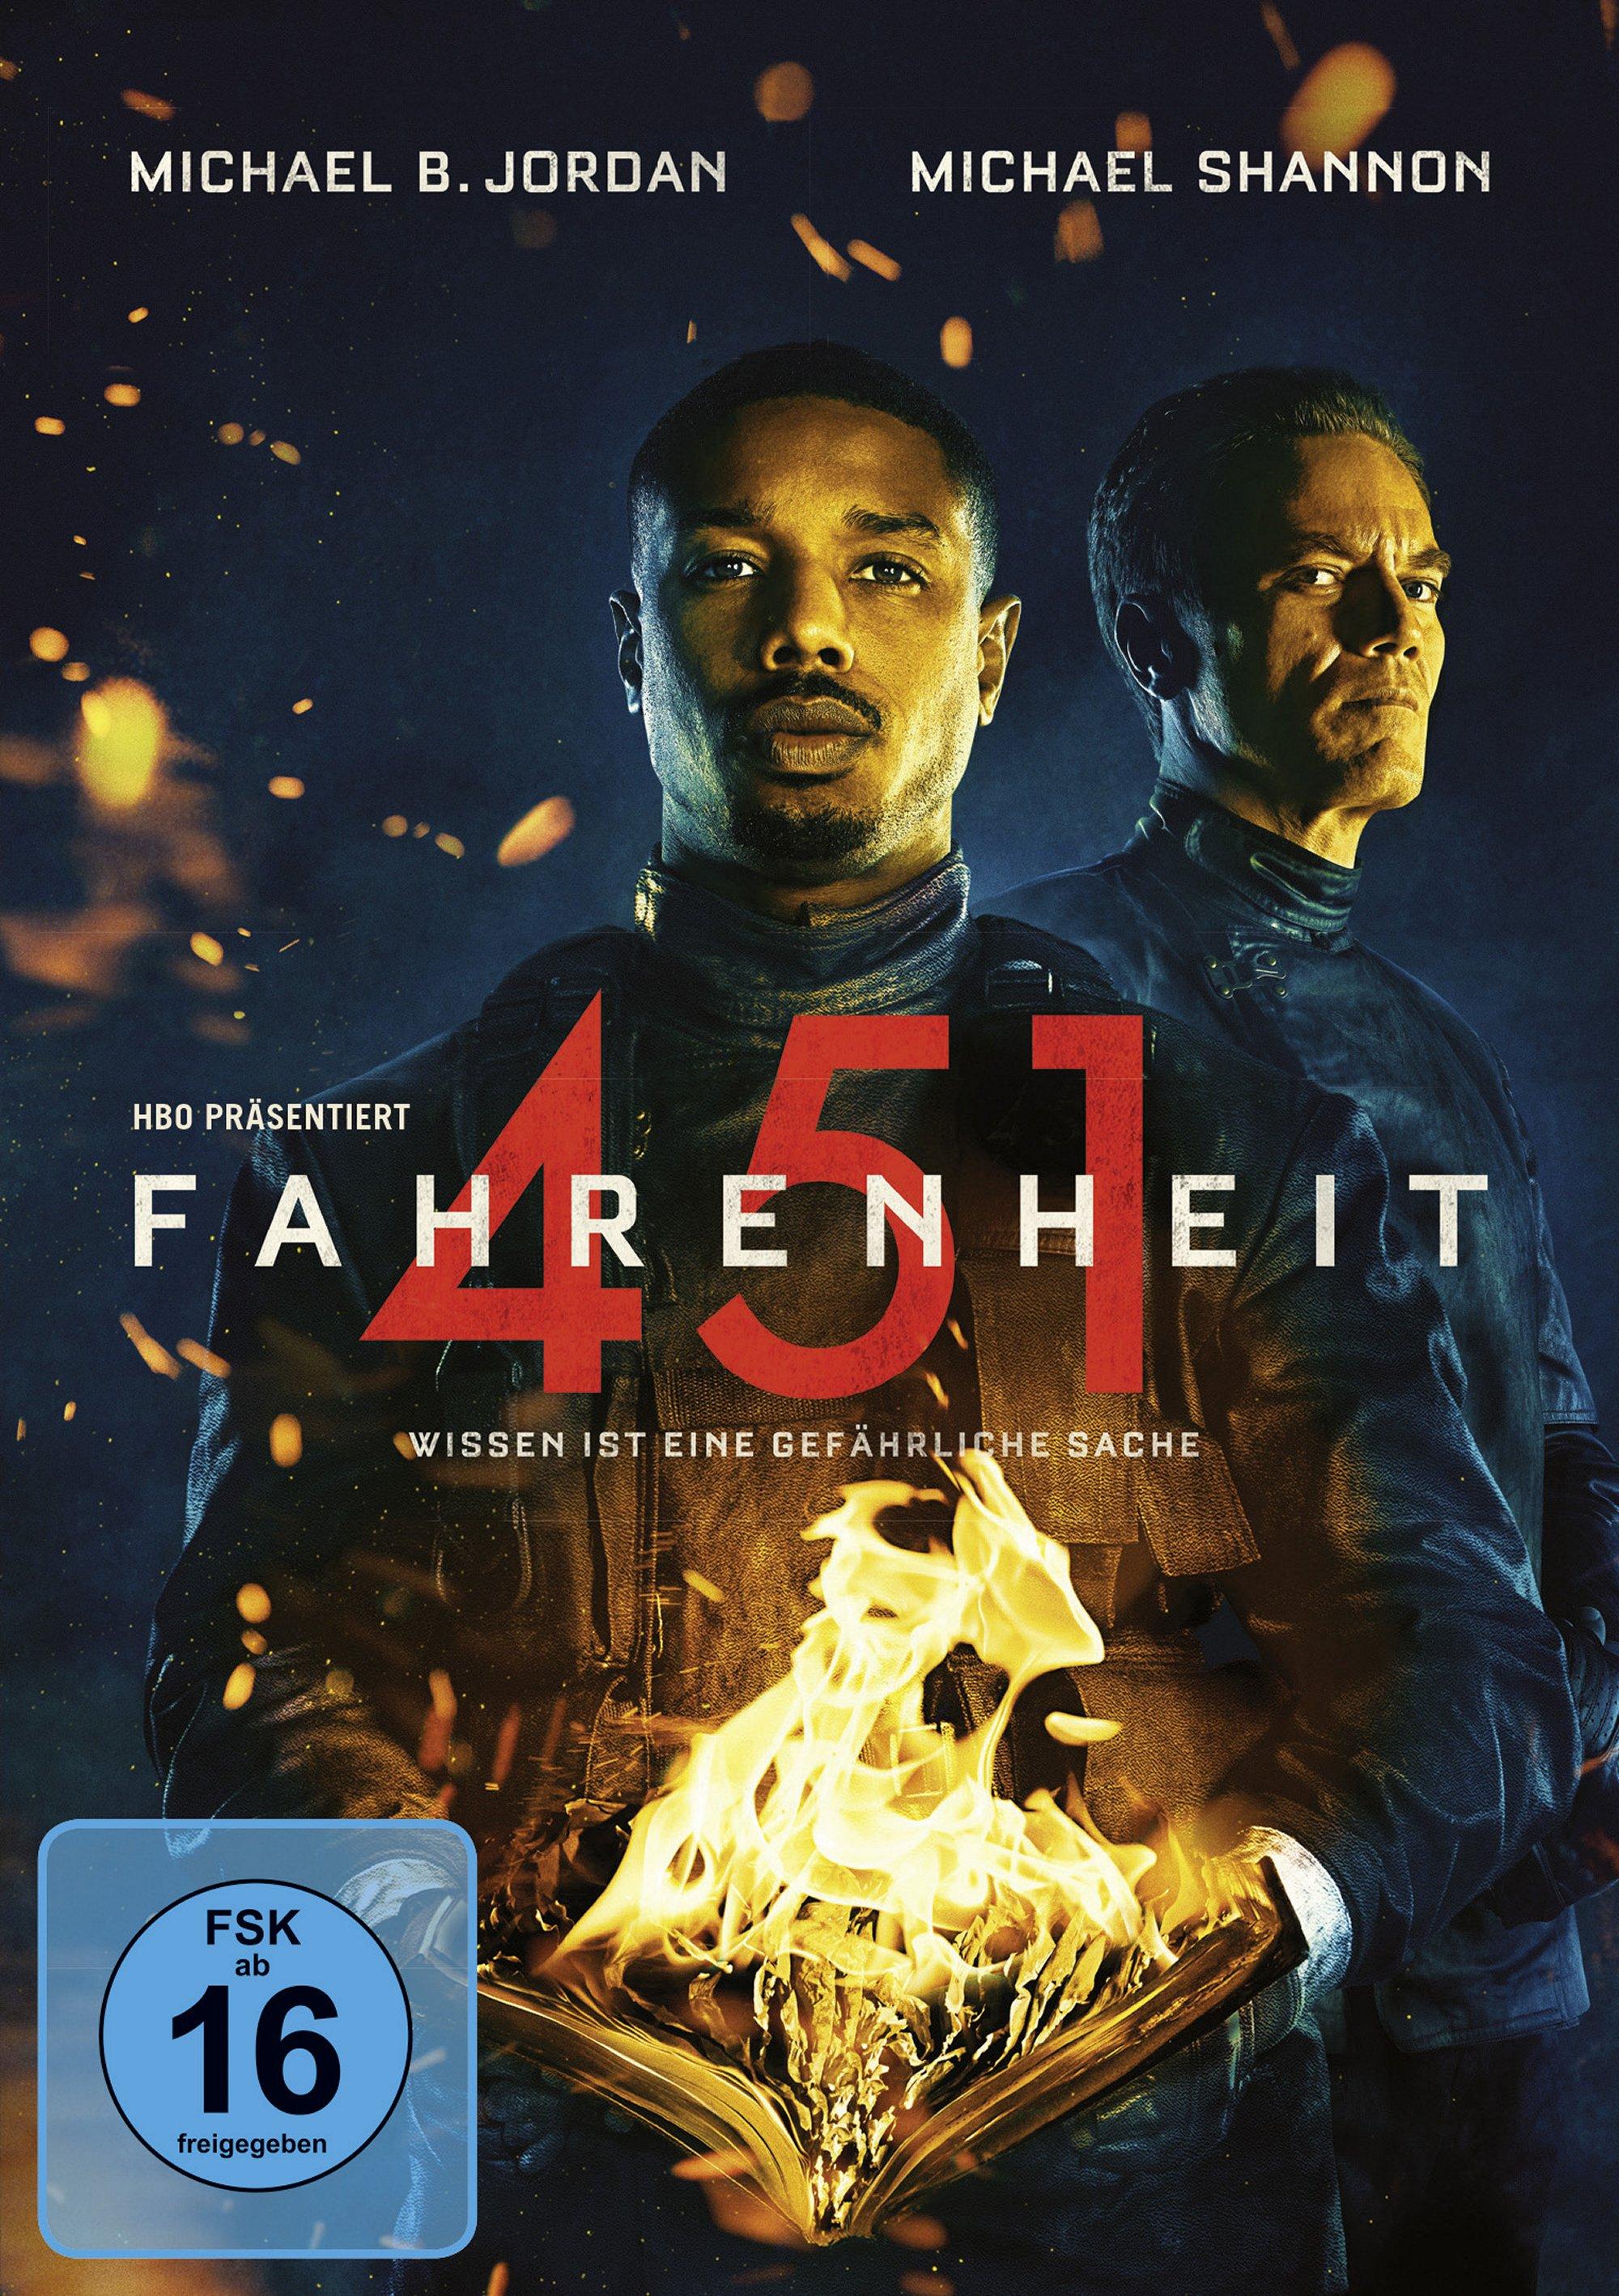 Fahrenheit 12   Wissen ist eine gefährliche Sache   Film 12 ...